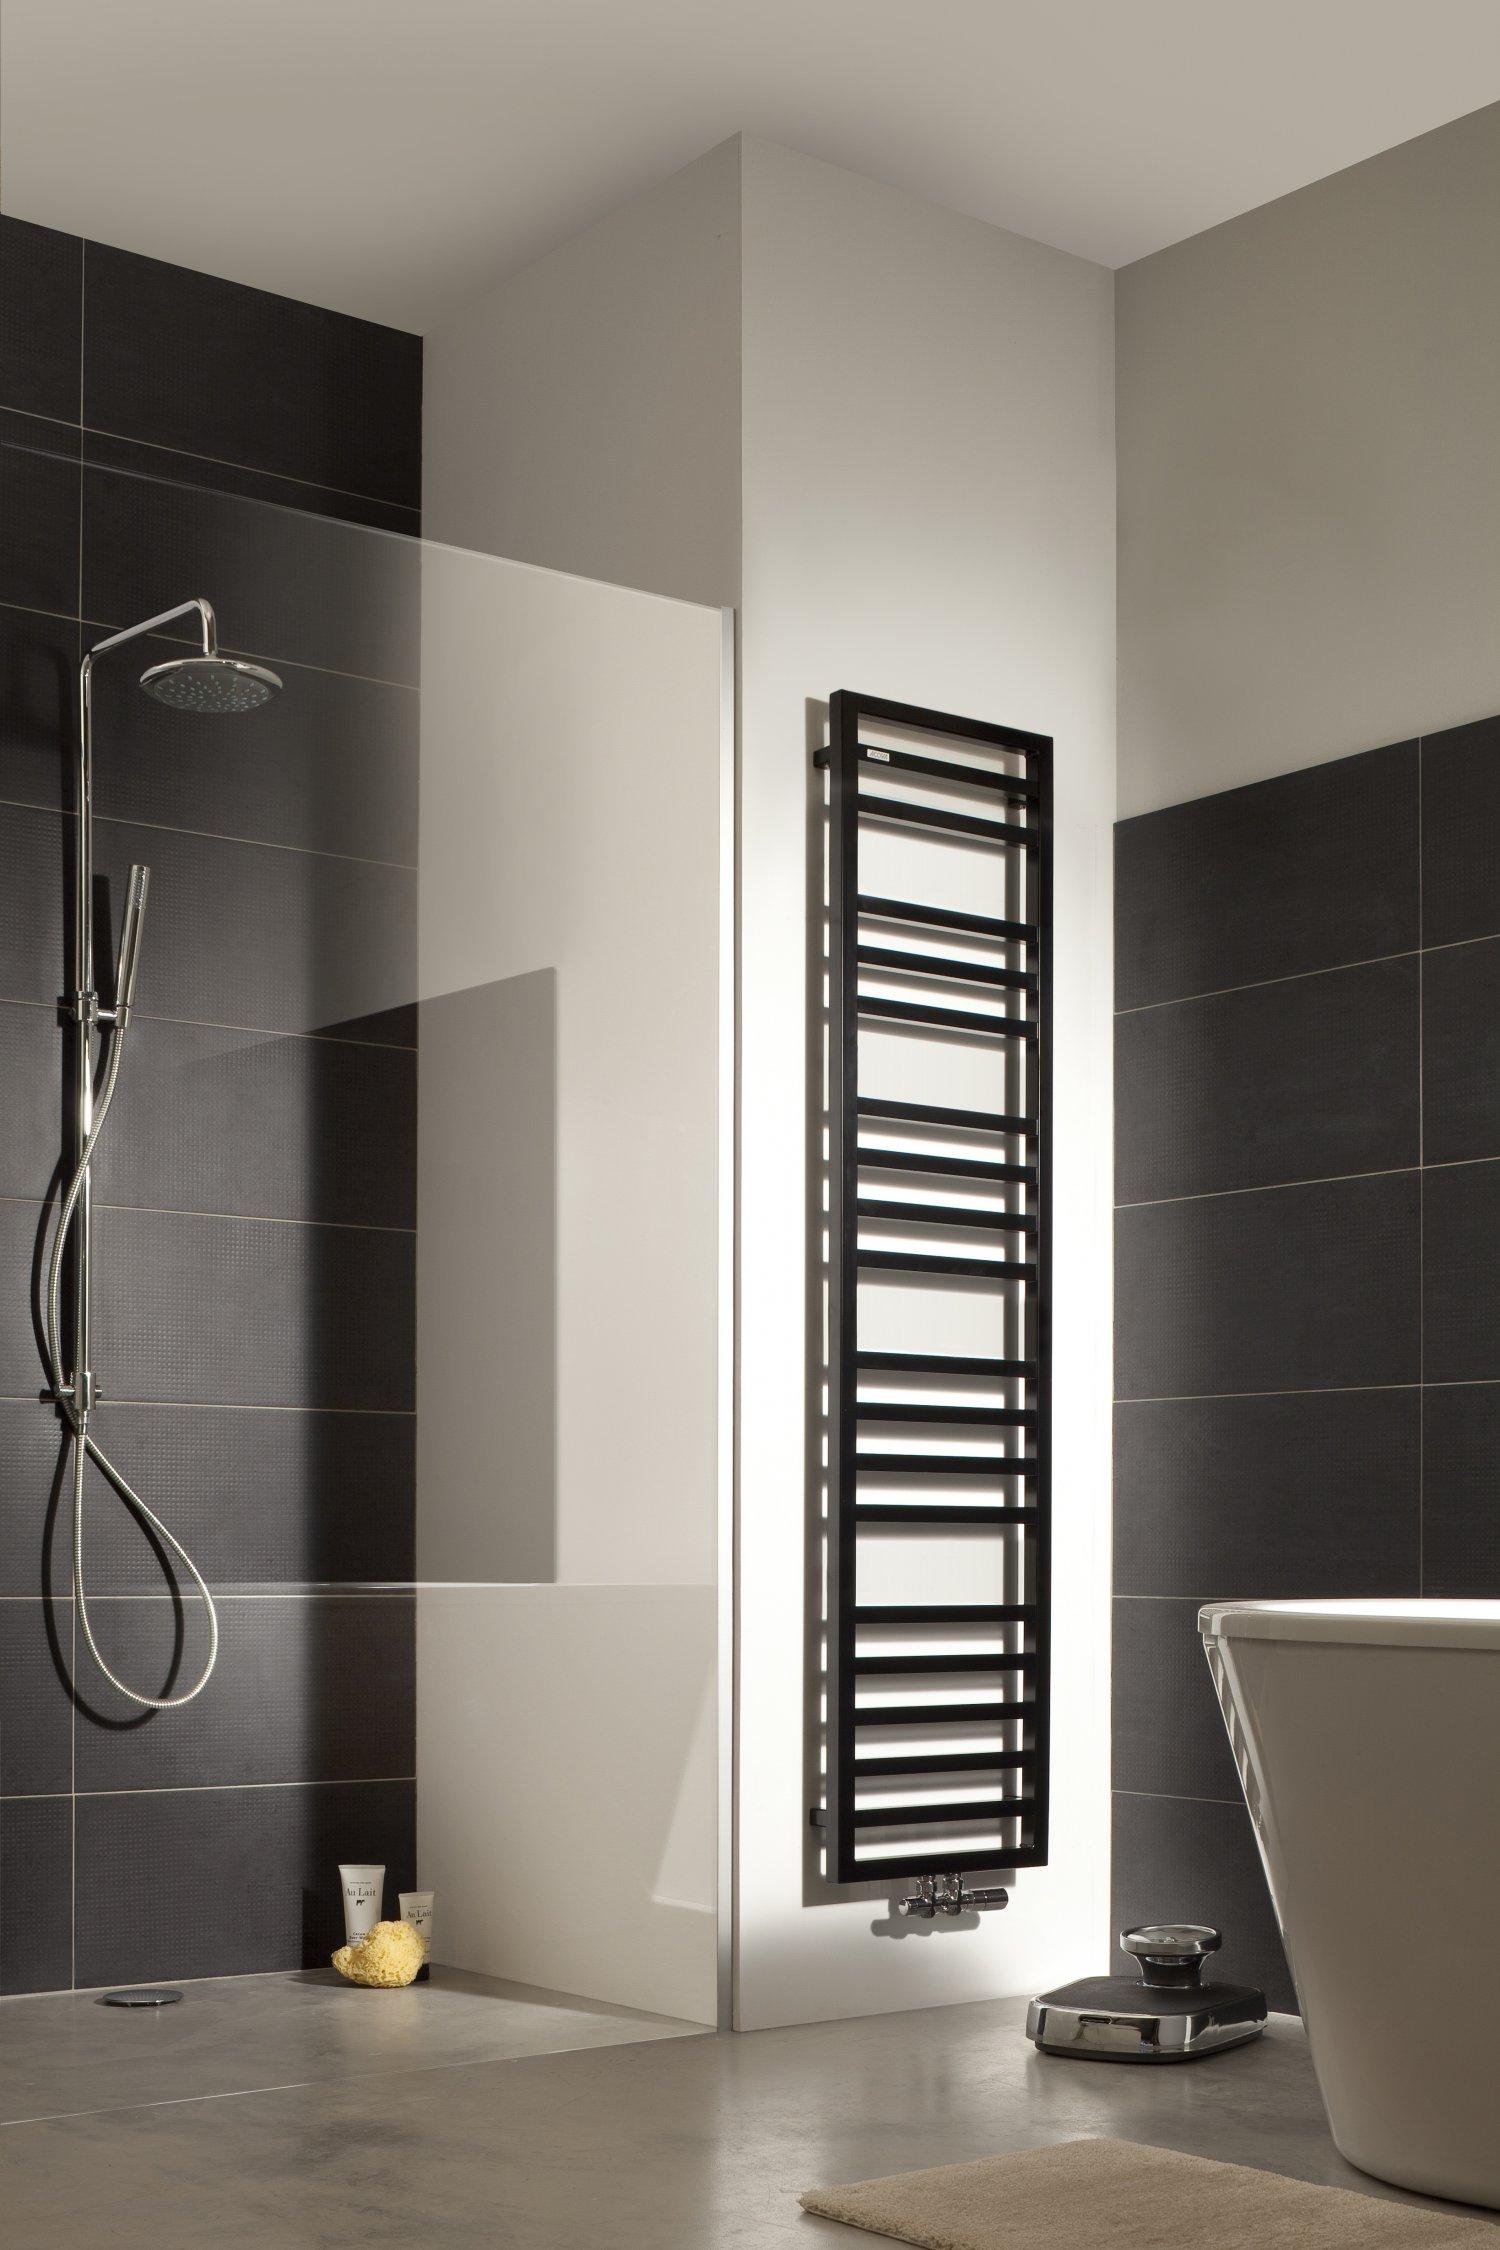 acova csche serviettes lectrique fluide kadrane spa. Black Bedroom Furniture Sets. Home Design Ideas